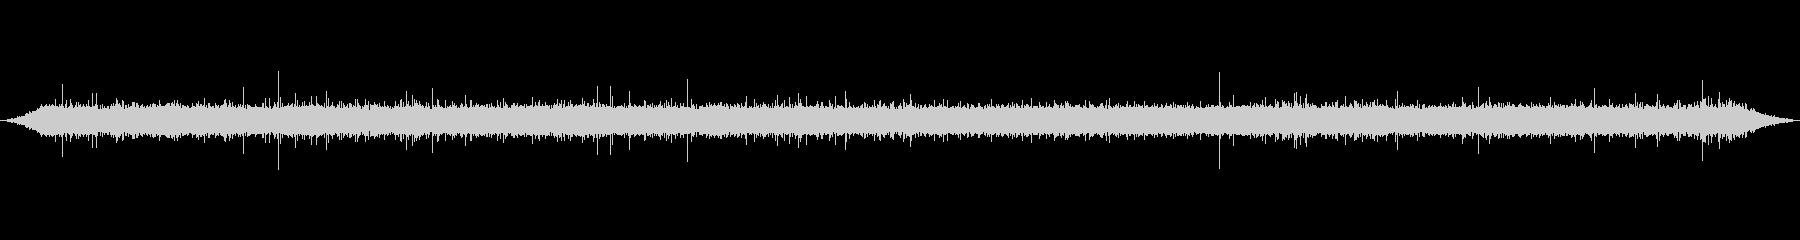 渓谷 清流 バイノーラル録音の未再生の波形